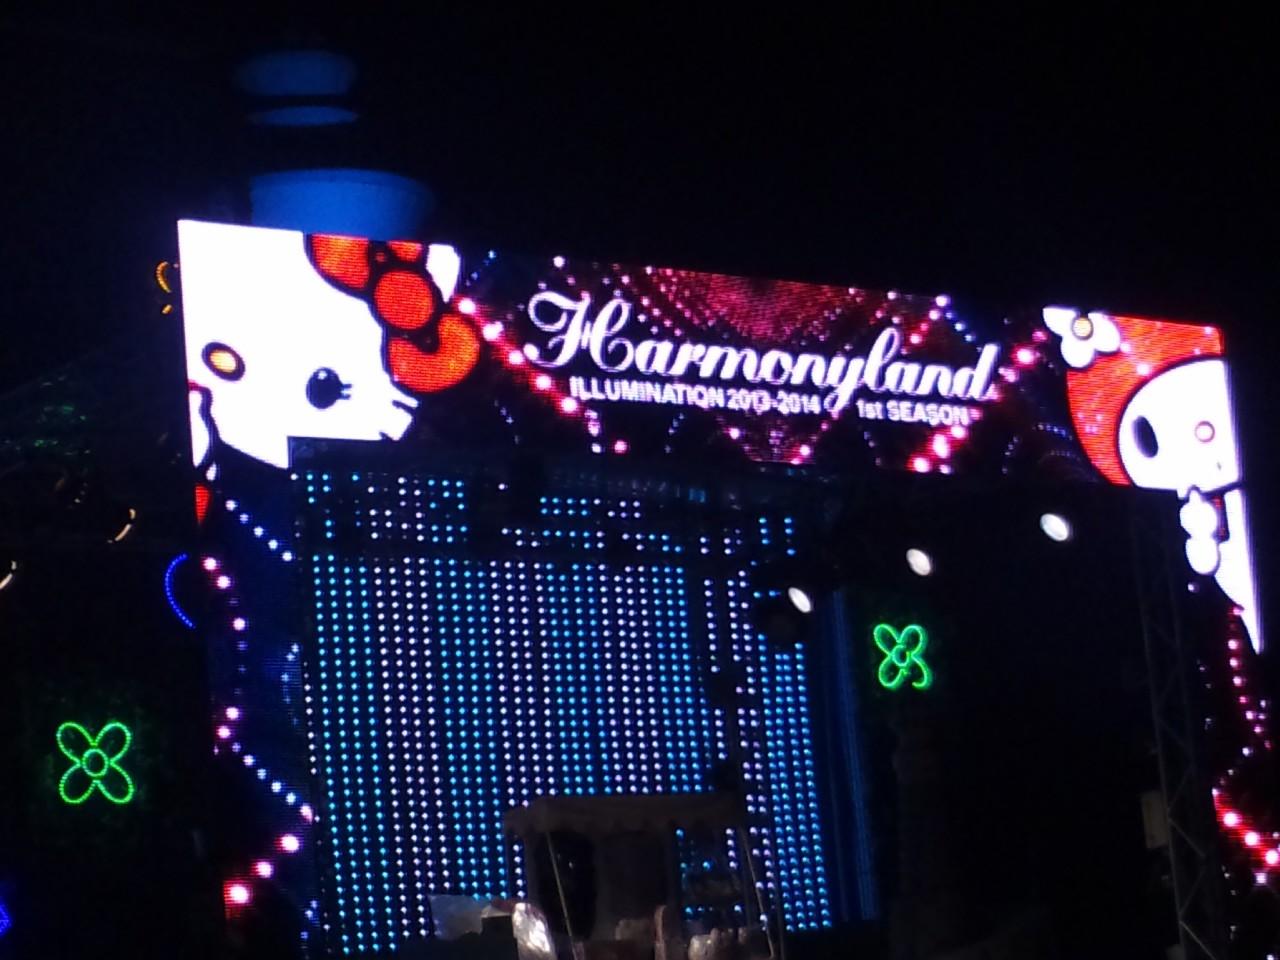 ハーモニーランド!